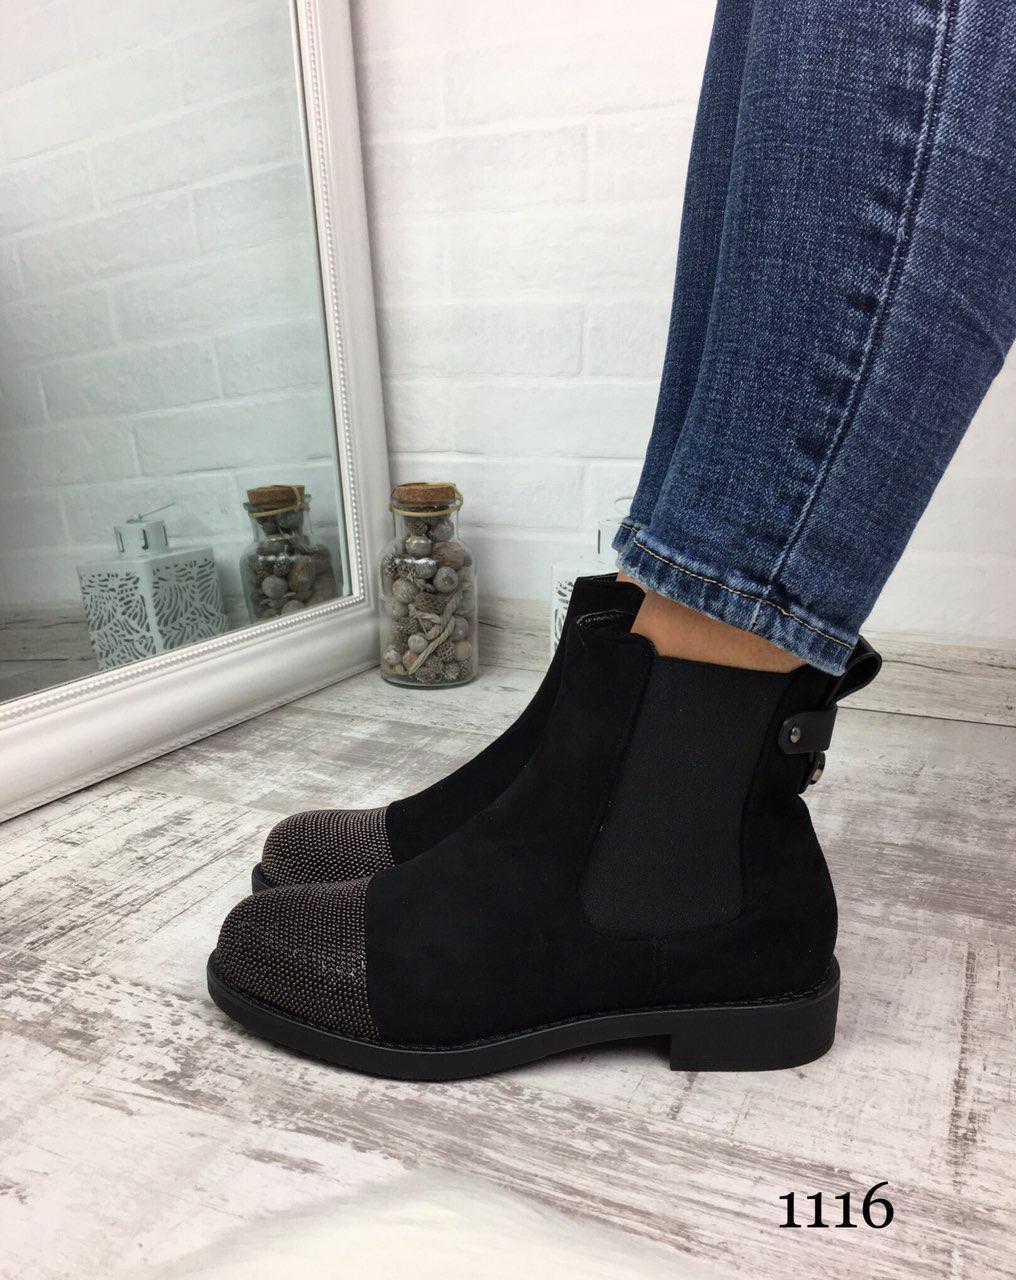 Женские ботинки черные со стразами сбоку резинка эко замш весна-осень деми 2ce4bc49b0f